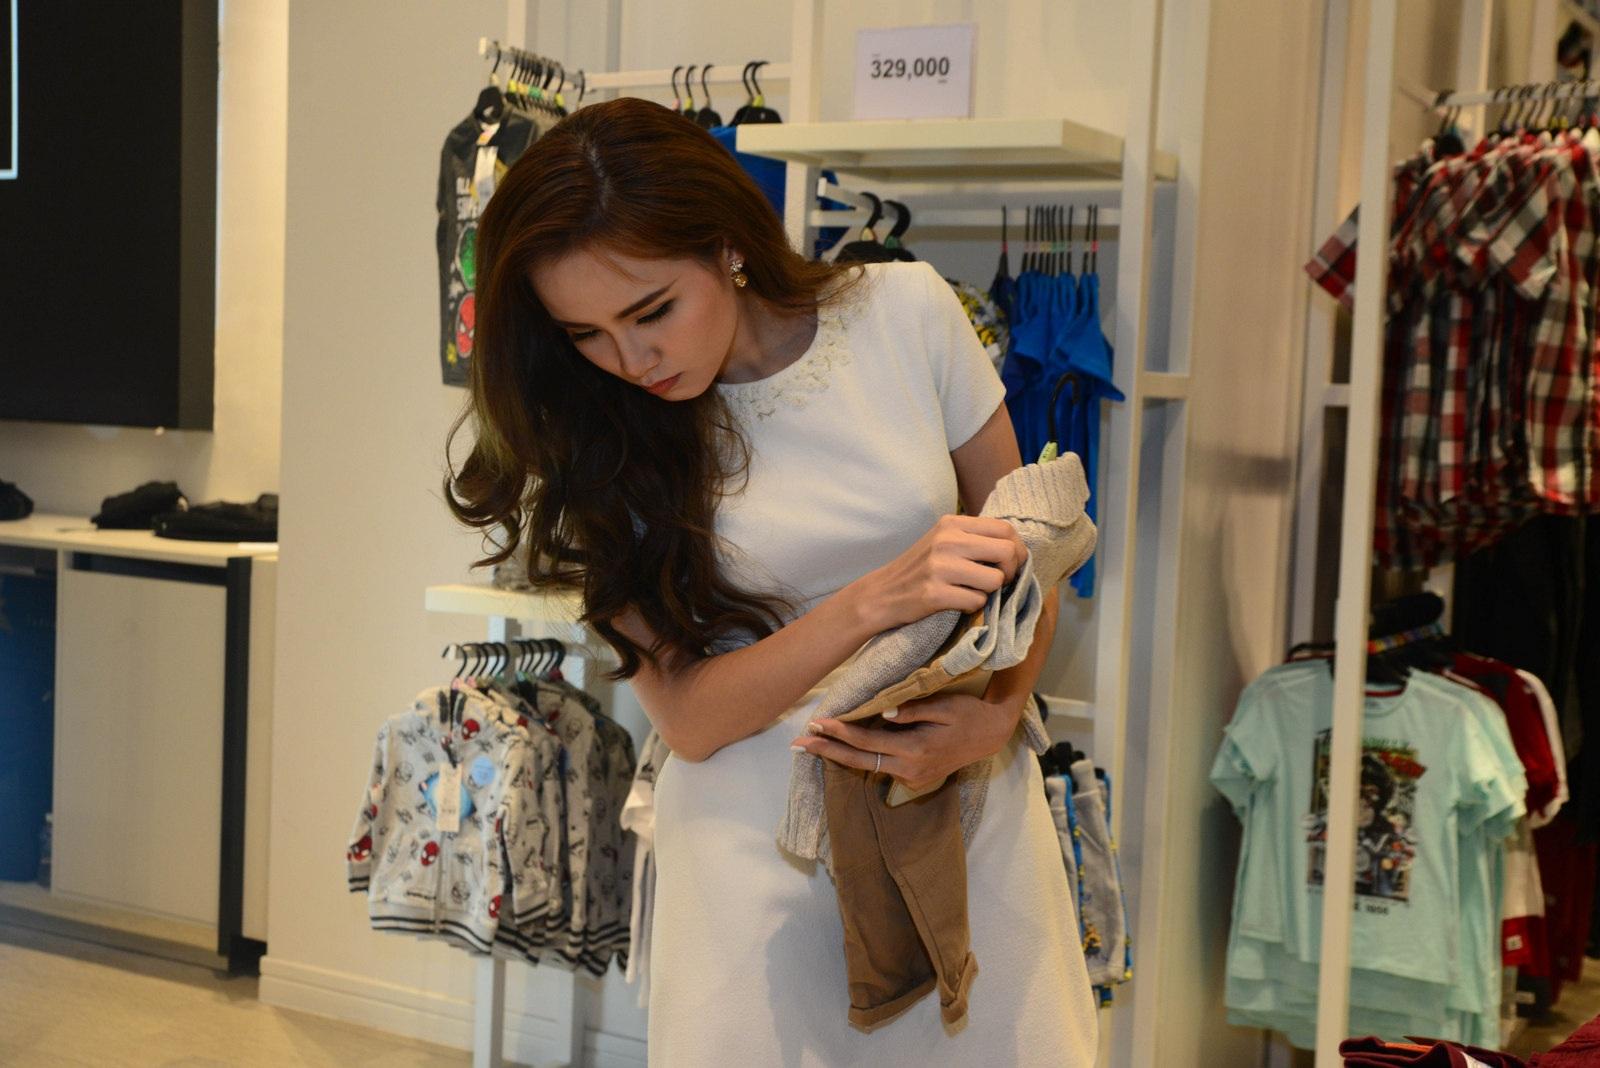 Hoa hậu Diễm Hương bất ngờ xuất hiện tại sự kiện trước ngày cưới - 3